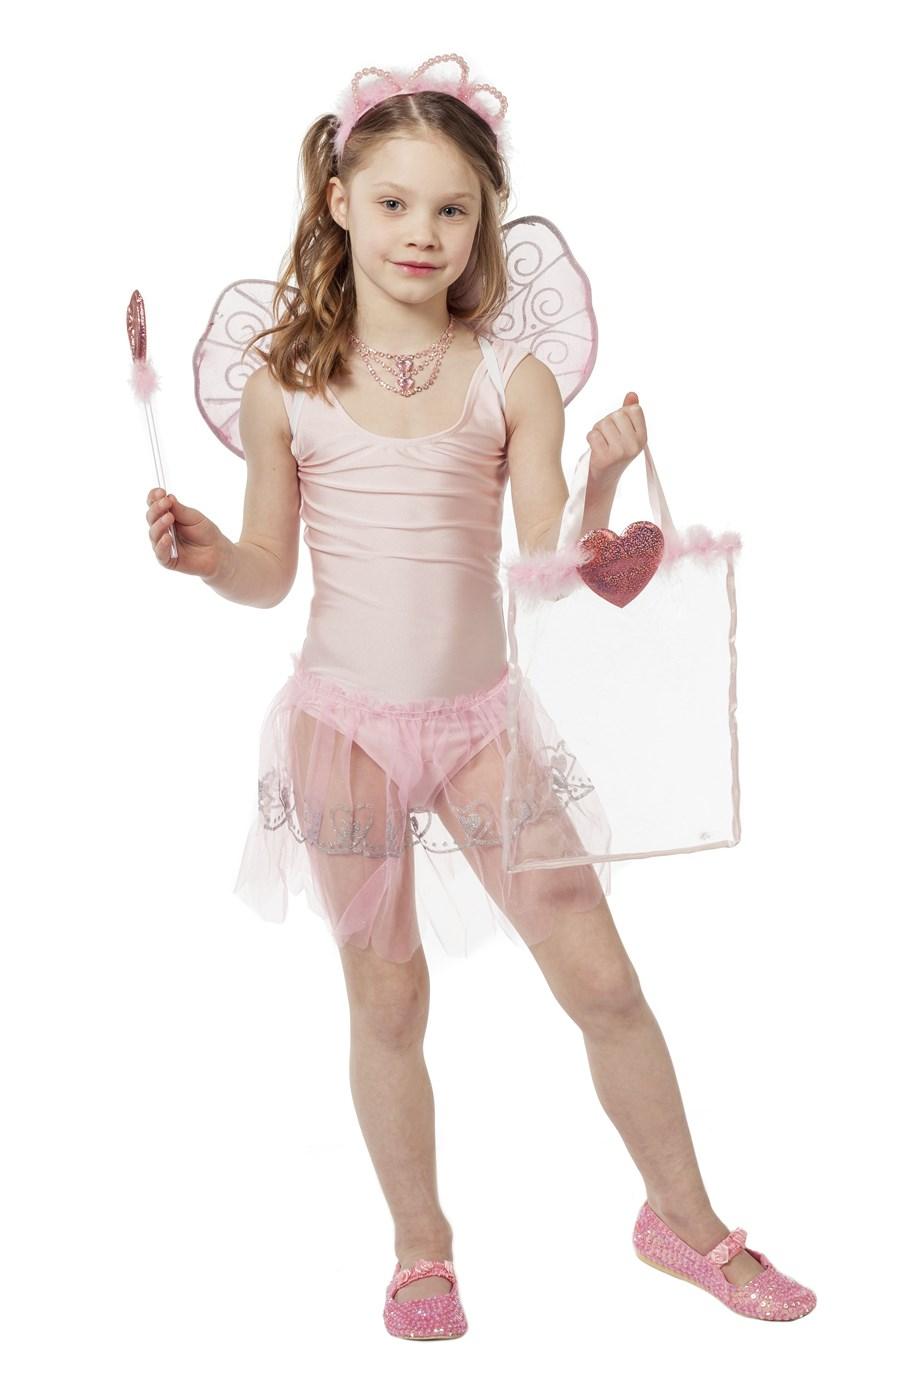 Feeen vleugels roze met rokje voor kind